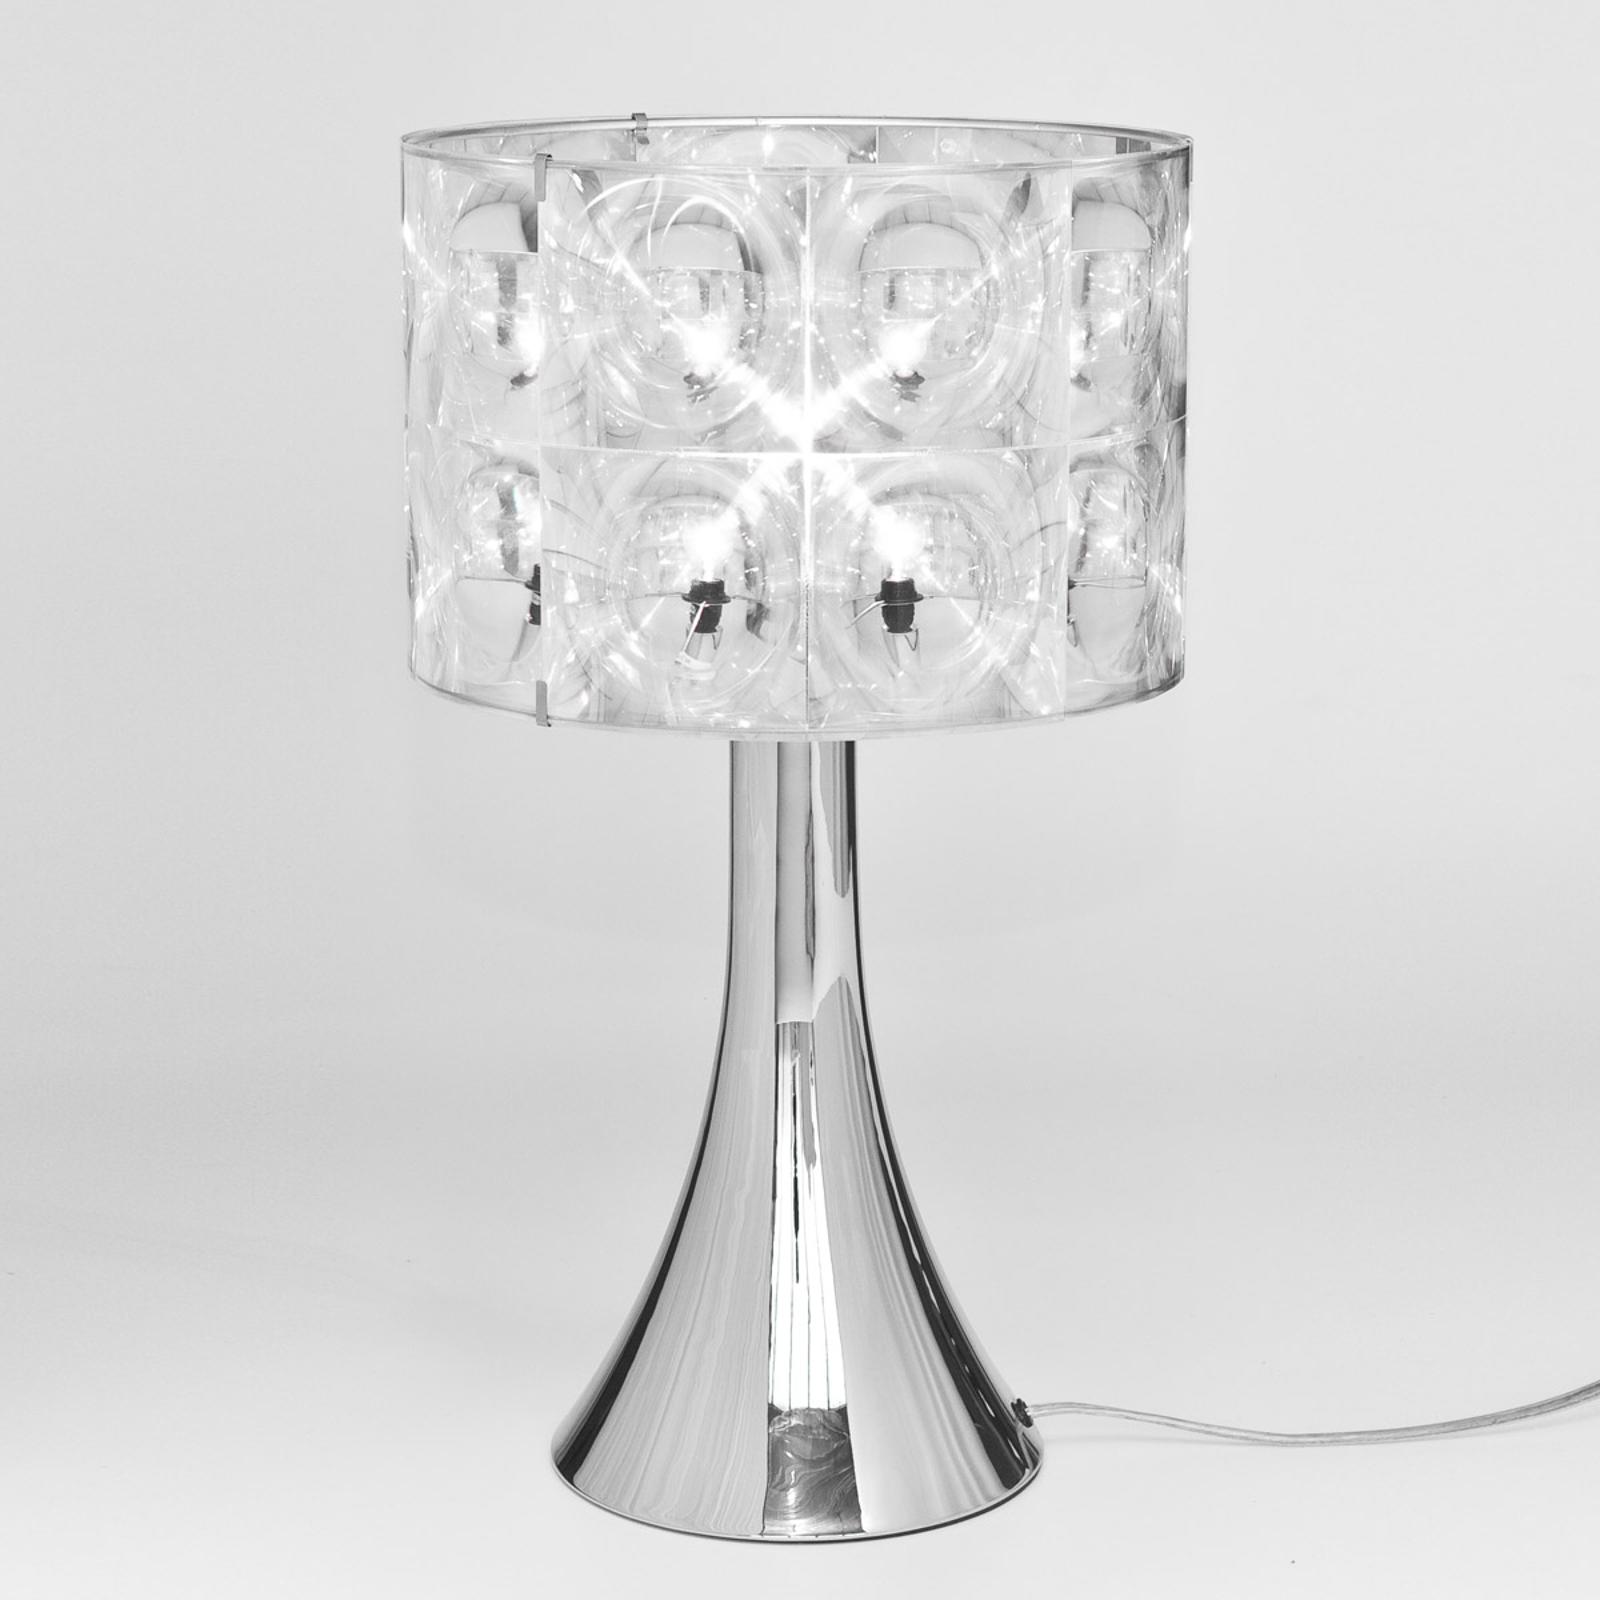 Innermost Lighthouse - designer tafellamp chroom